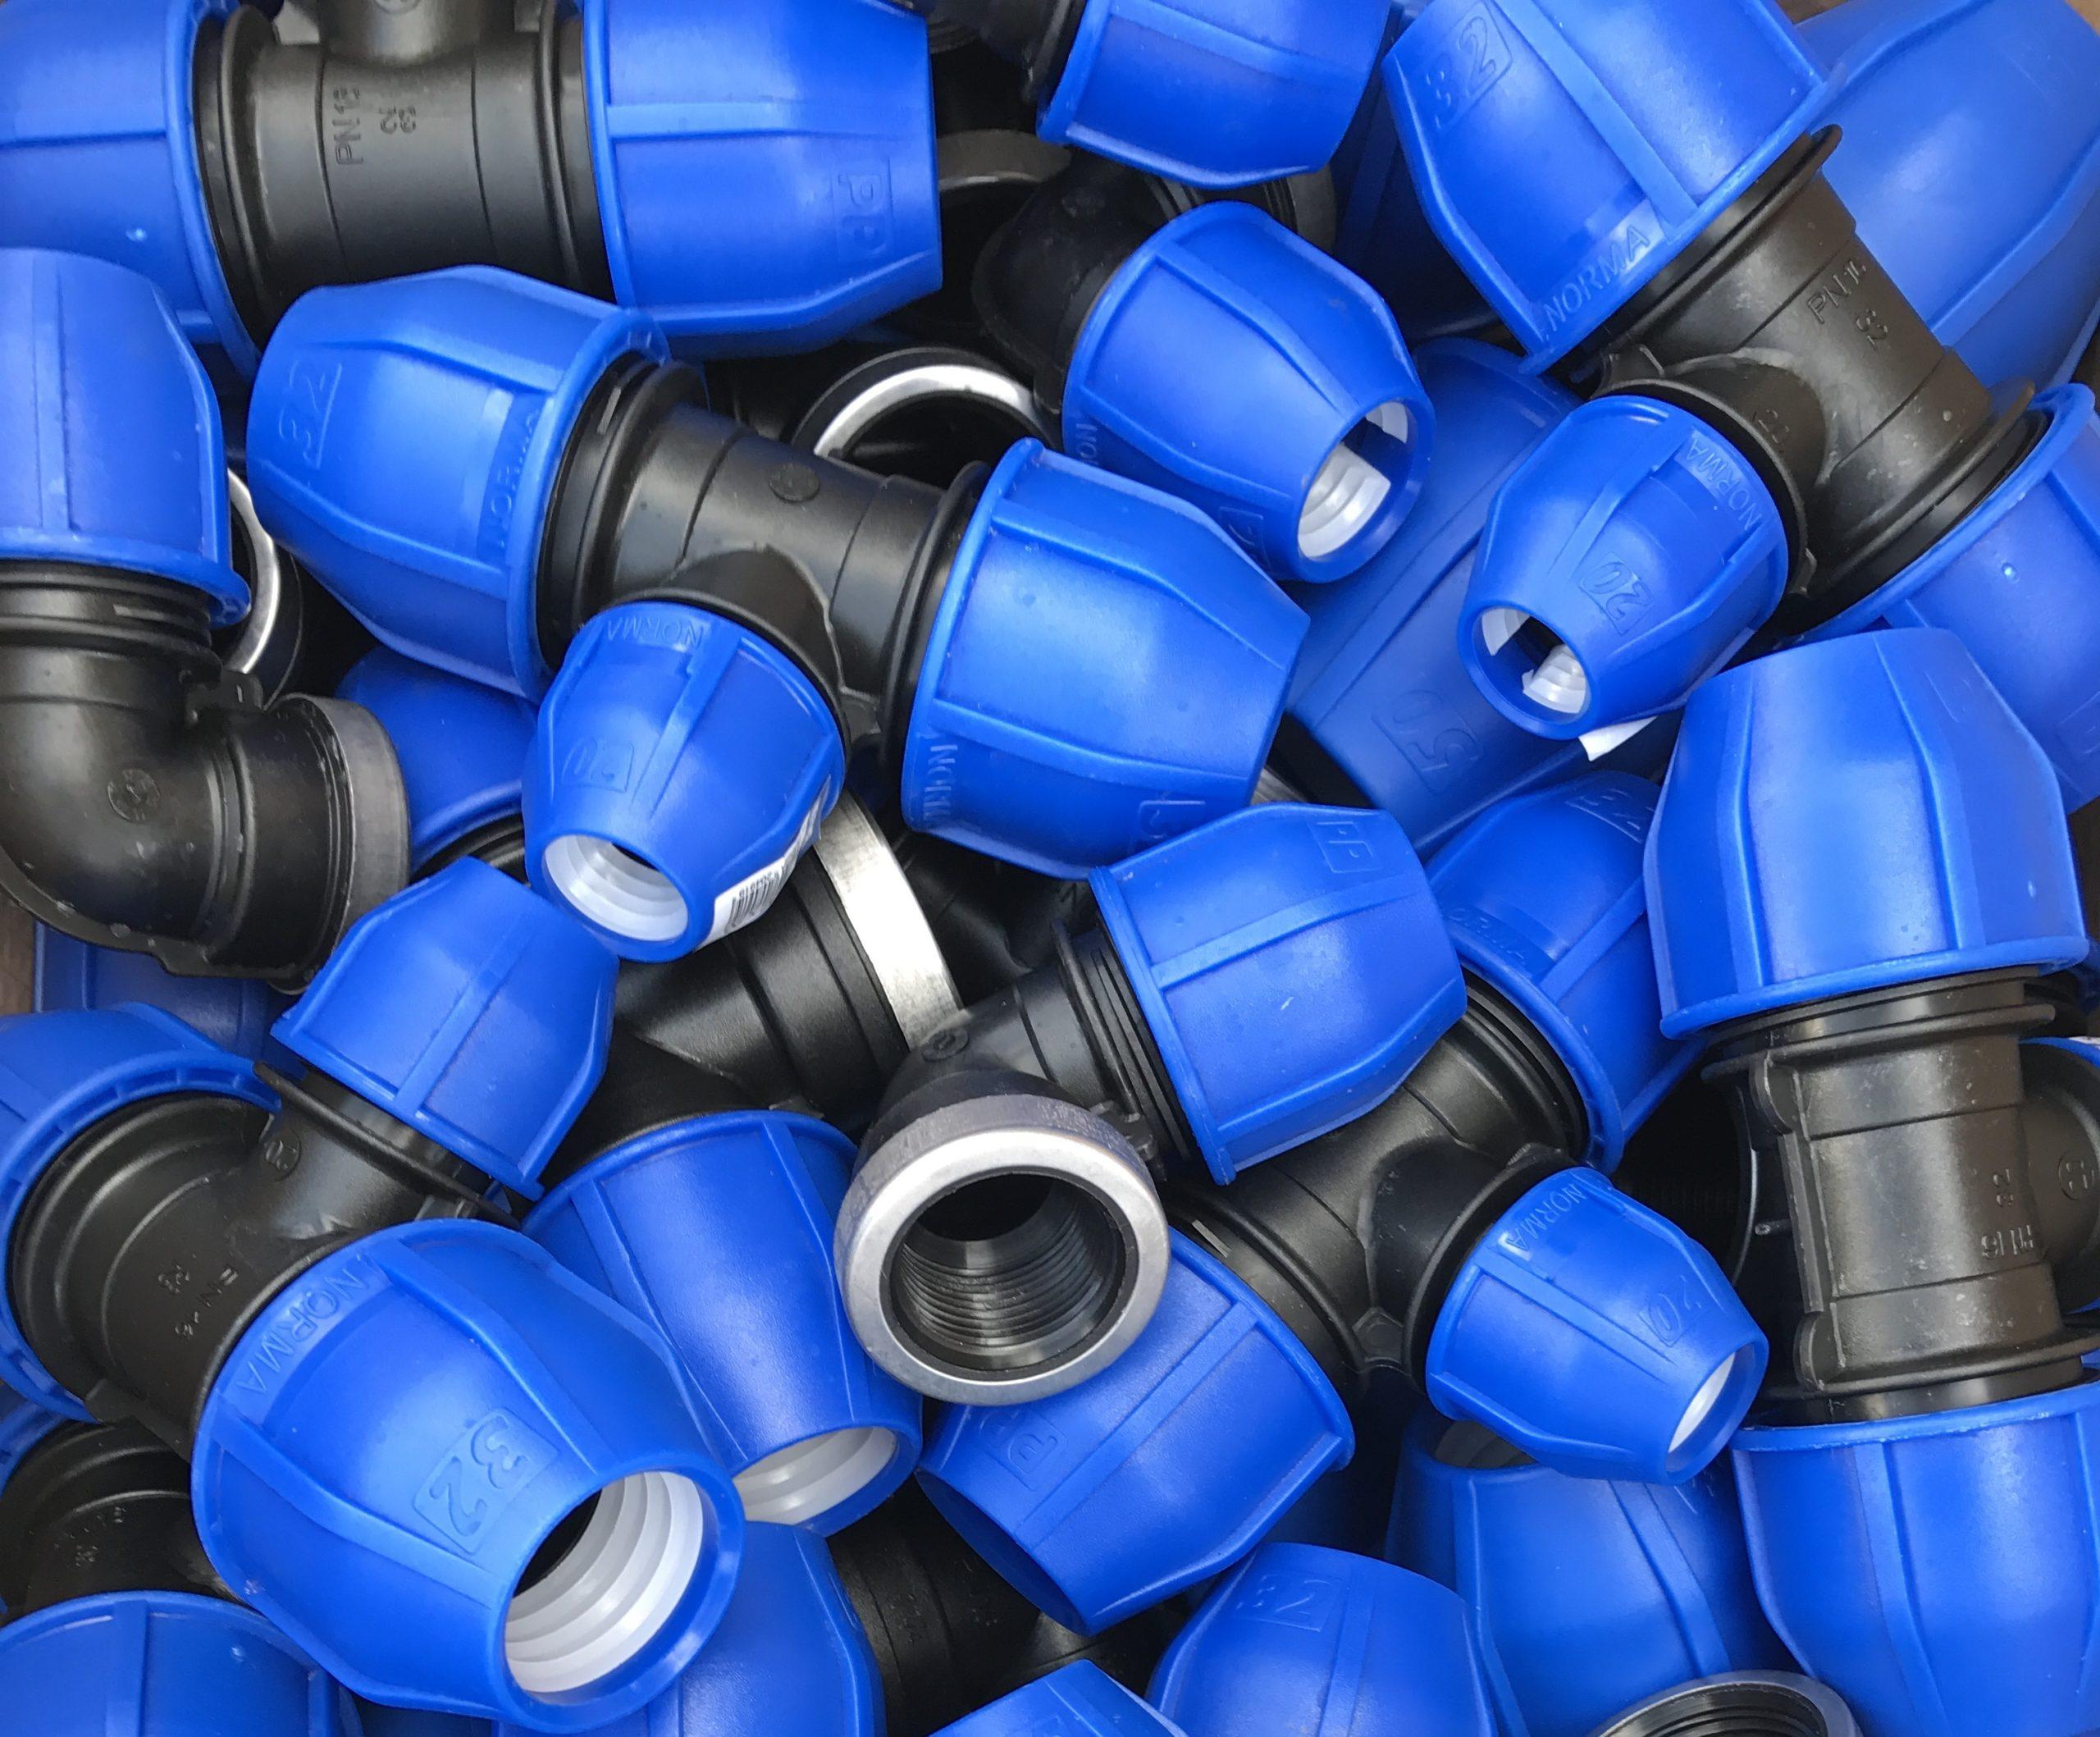 Klemmringverschraubungen werden häufig zum Anschluss von Polyethylenschläuchen für industrielle, gewerbliche oder private Zwecke verwendet